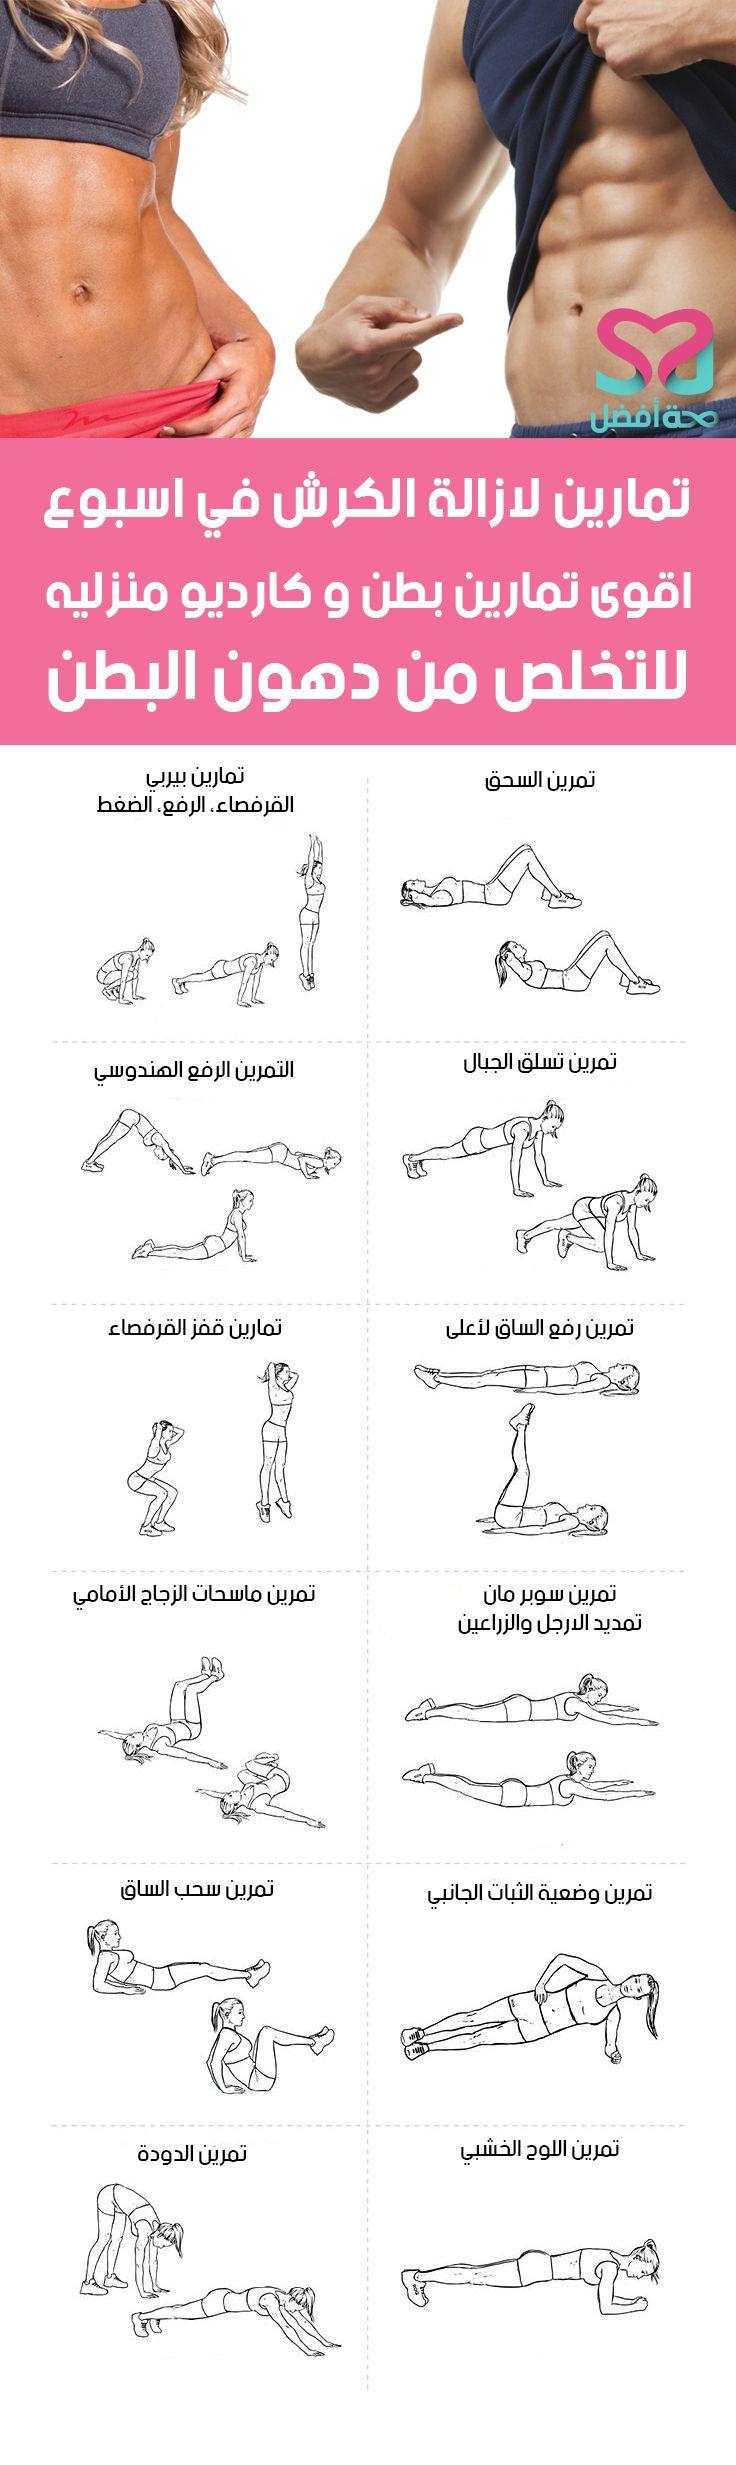 تمارين لازالة الكرش في اسبوع للرجال والنساء بالصور 30 Day Abs Full Body Gym Workout Weight Training Workouts